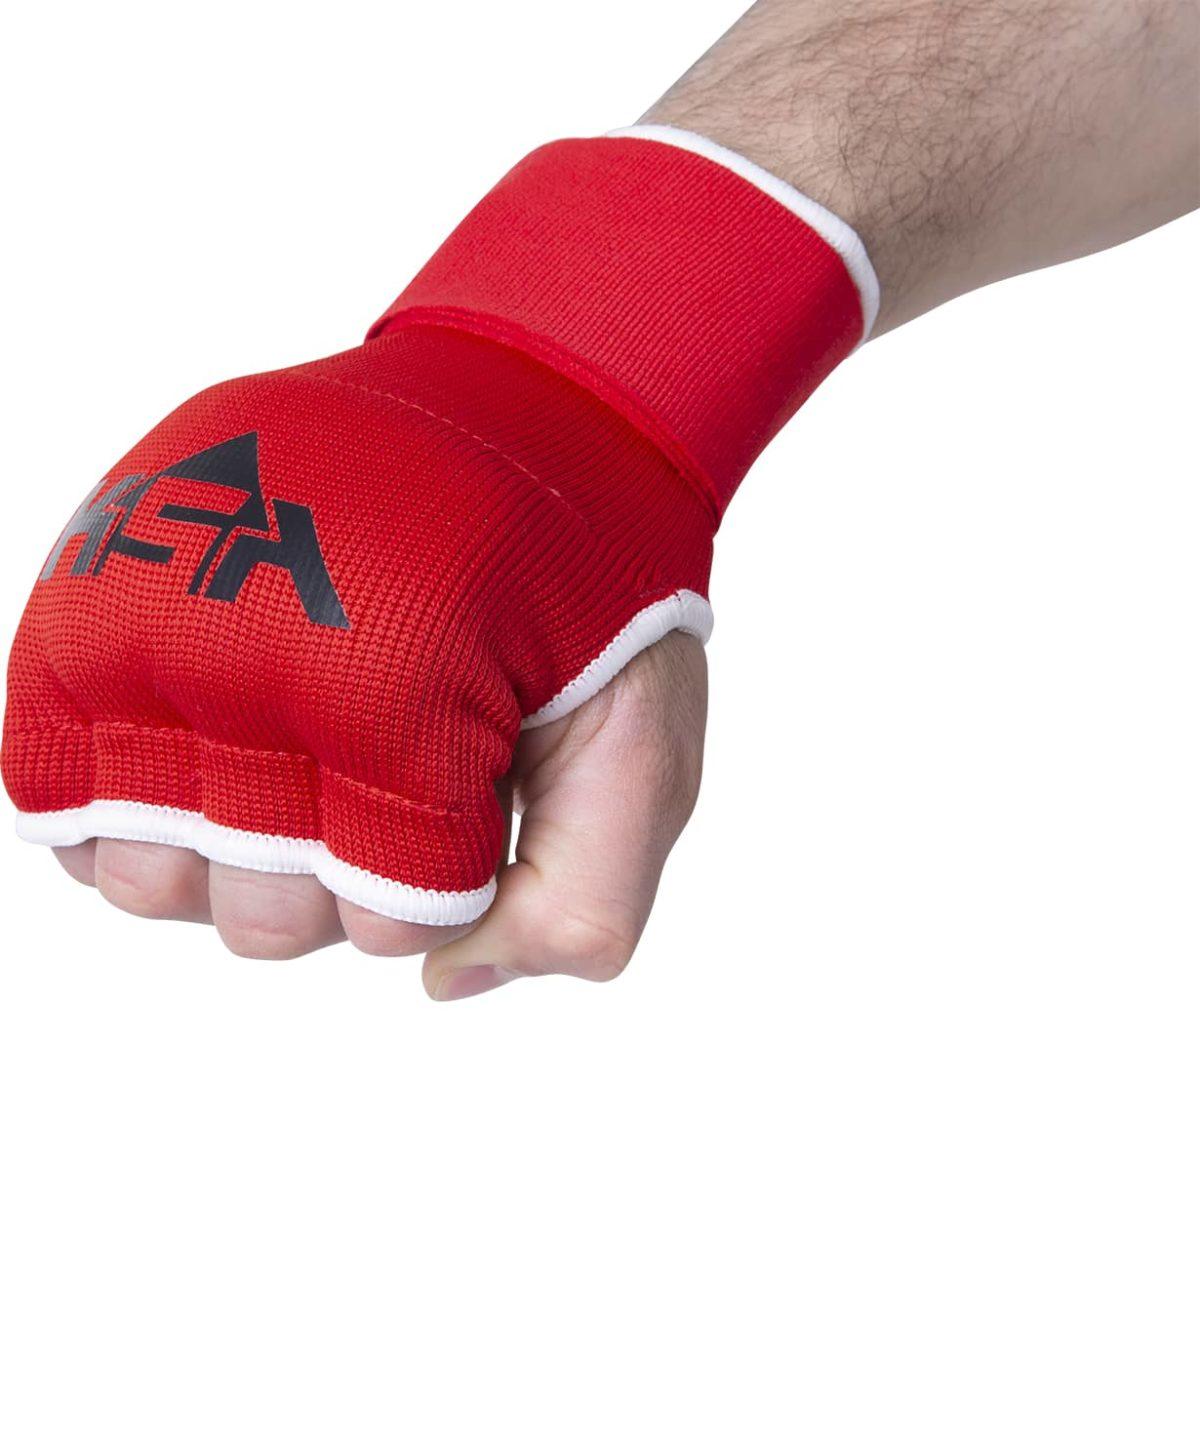 KSA Cobra Red Перчатки внутренние для бокса 17899: красный - 3